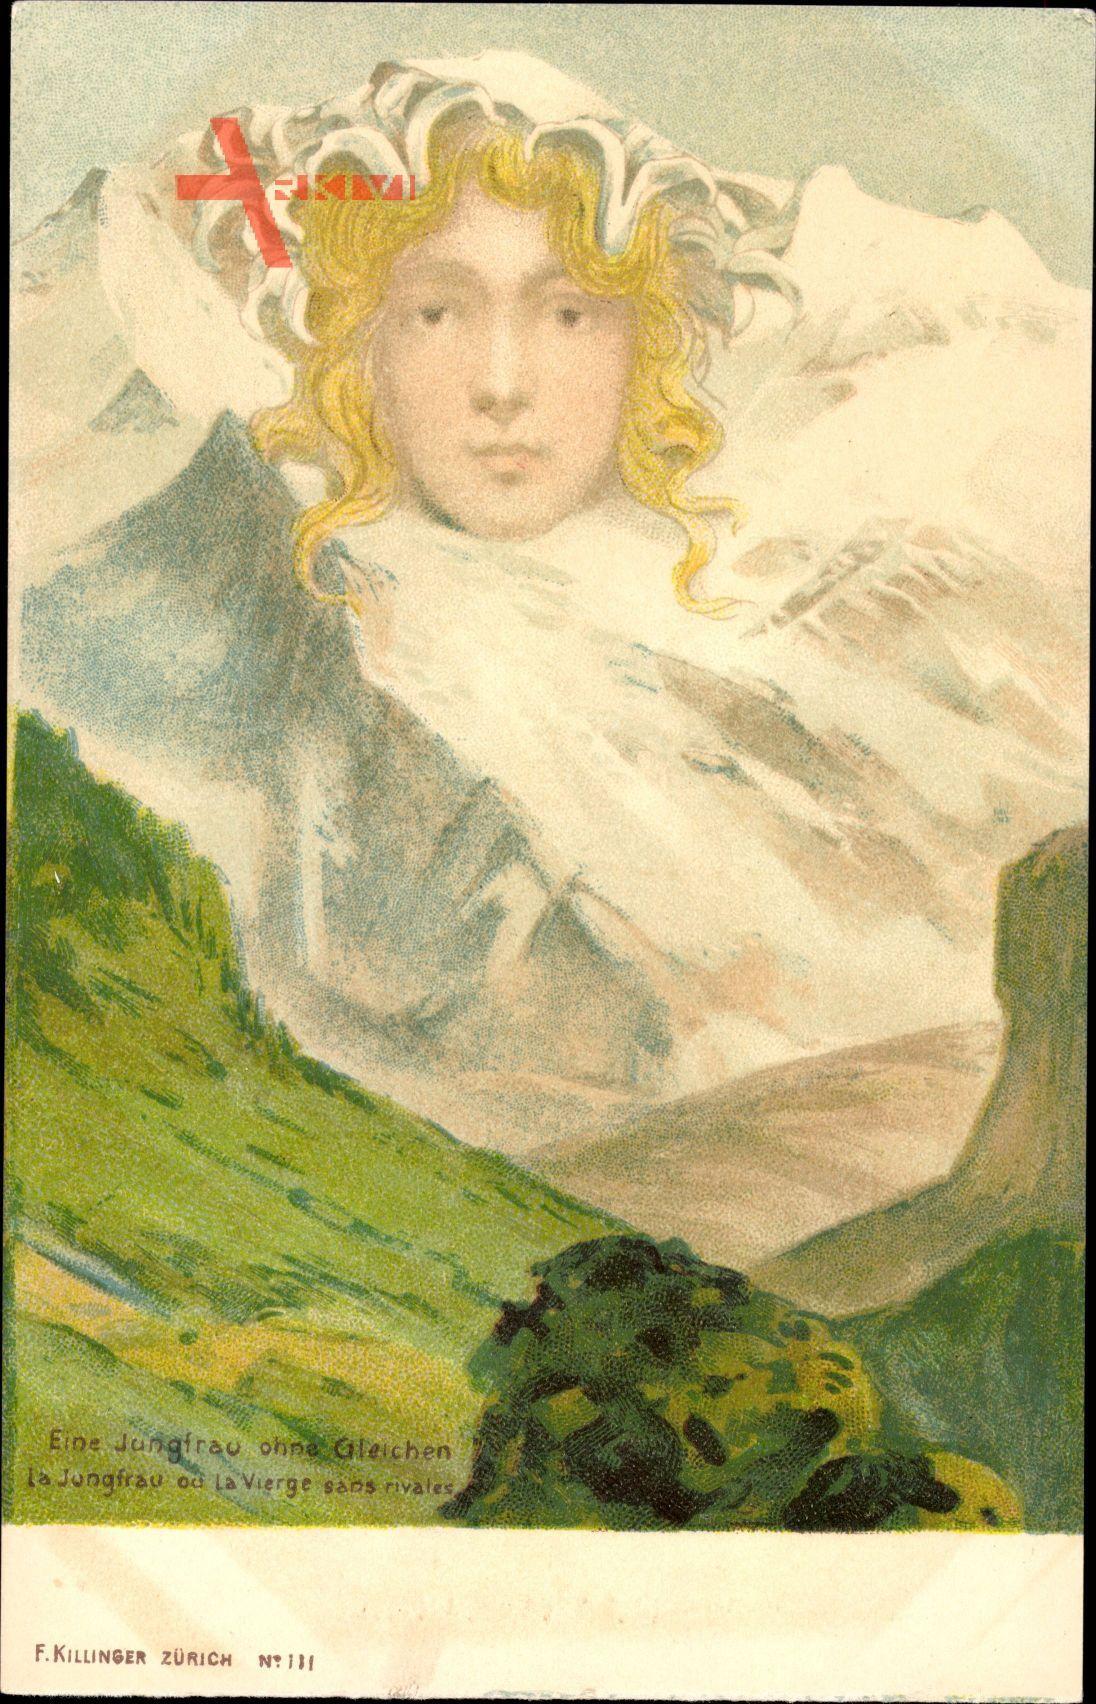 Eine Jungfrau ohne Gleichen, Berggesichter, Killinger No 131